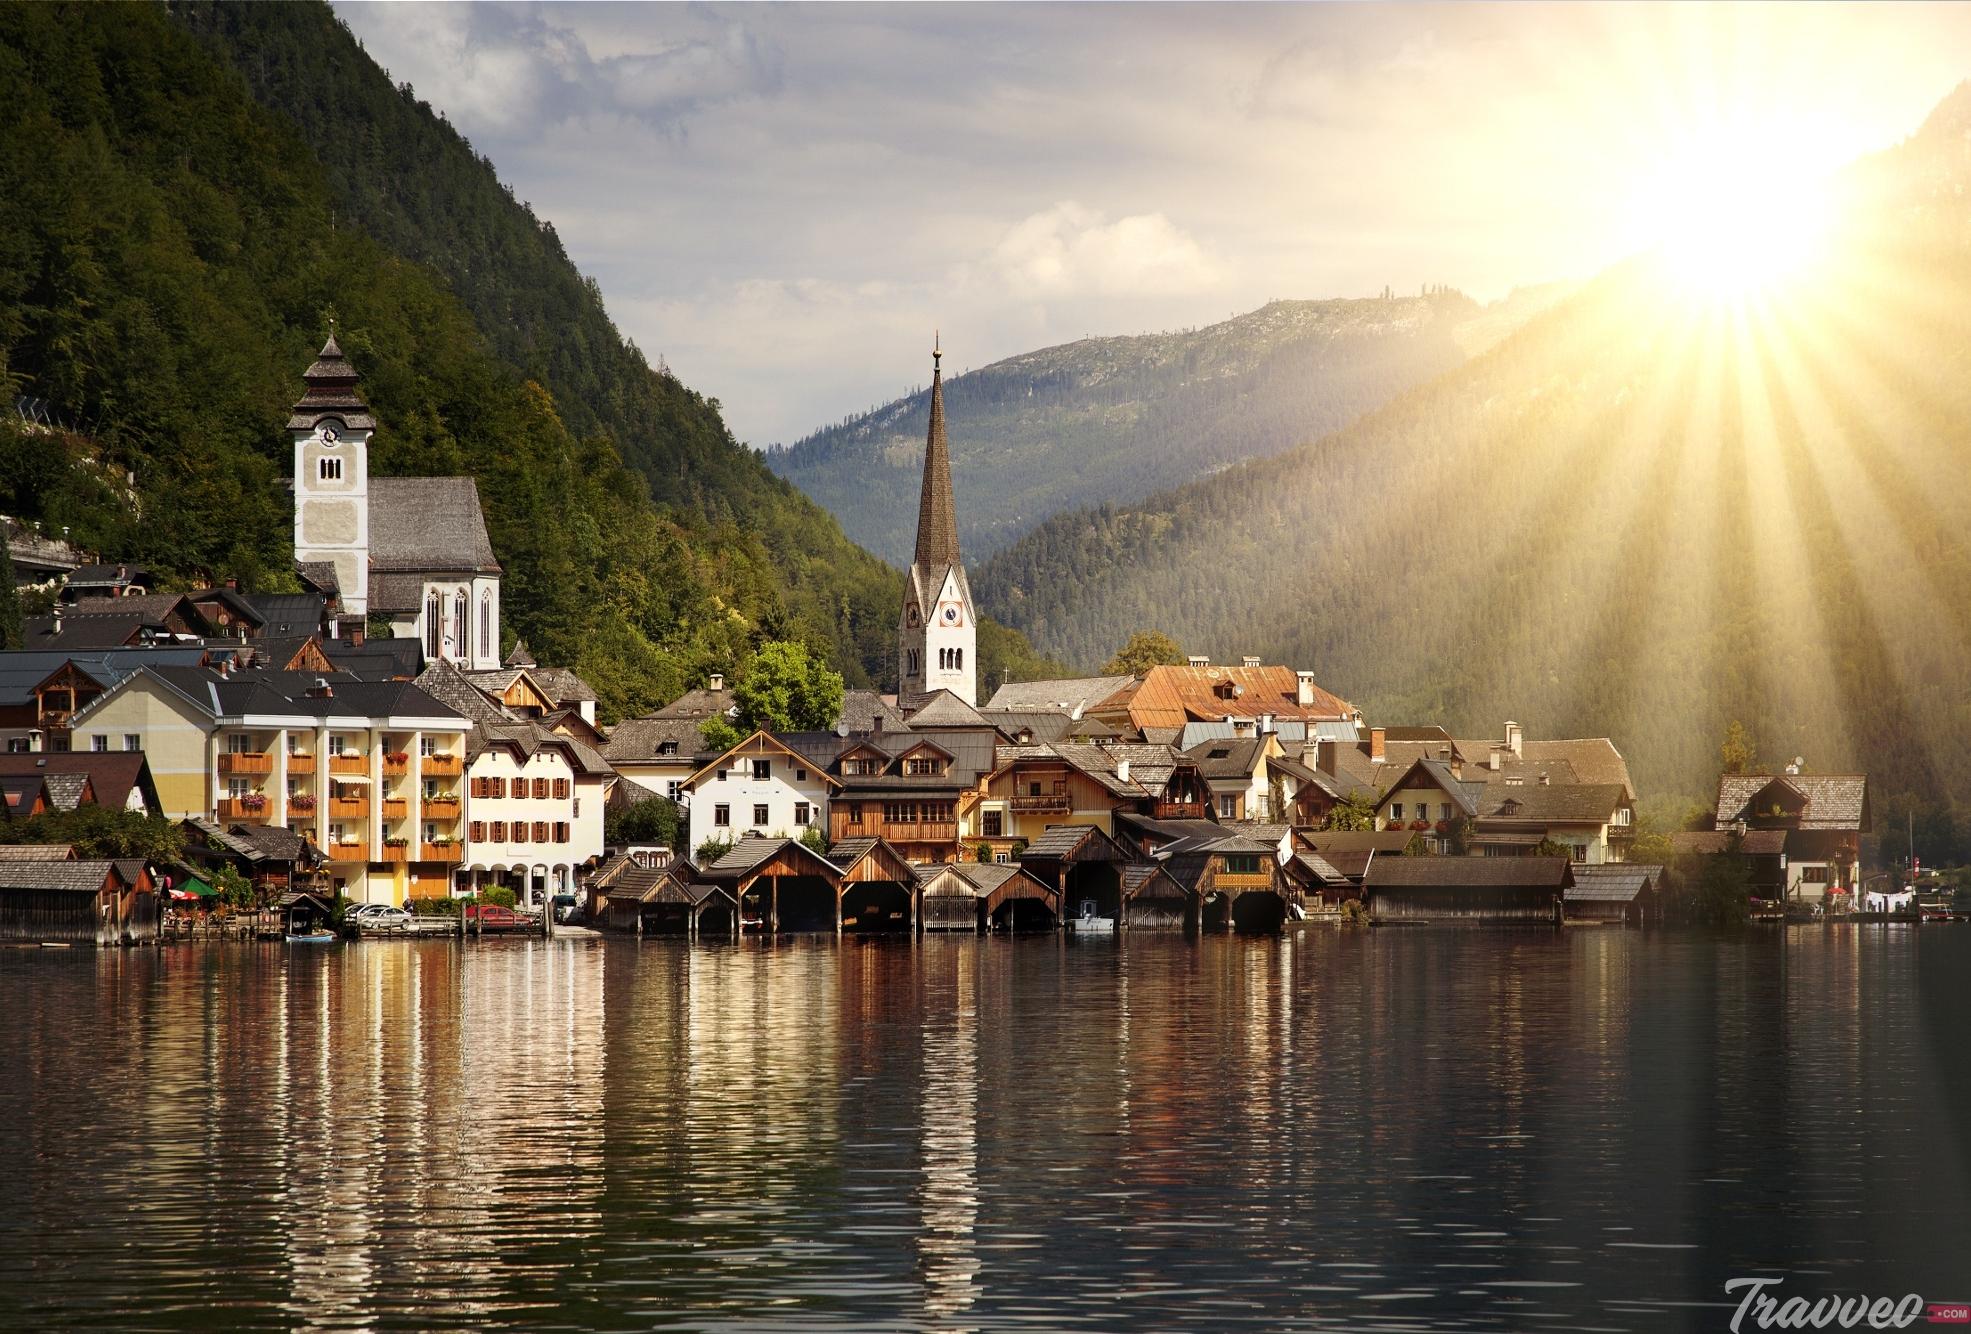 السياحة في هالشتات - Hallstatt Austria